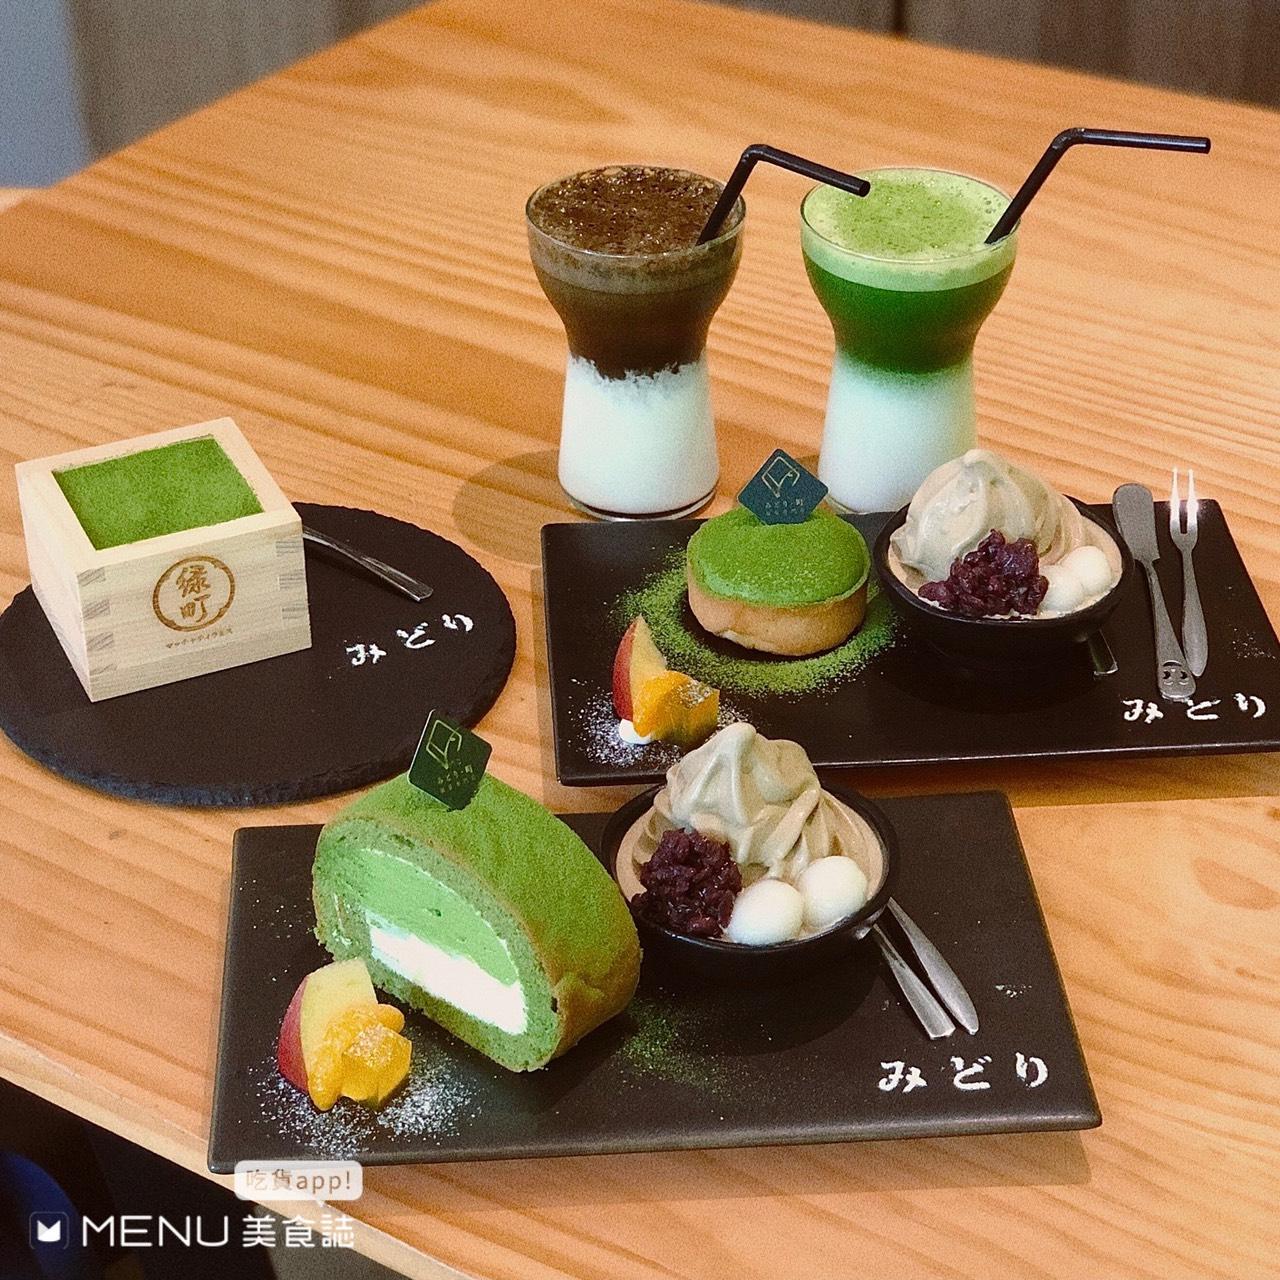 台南根本就是抹茶天堂!值得N訪的京都抹茶甜點,不用飛日本也能吃得到!